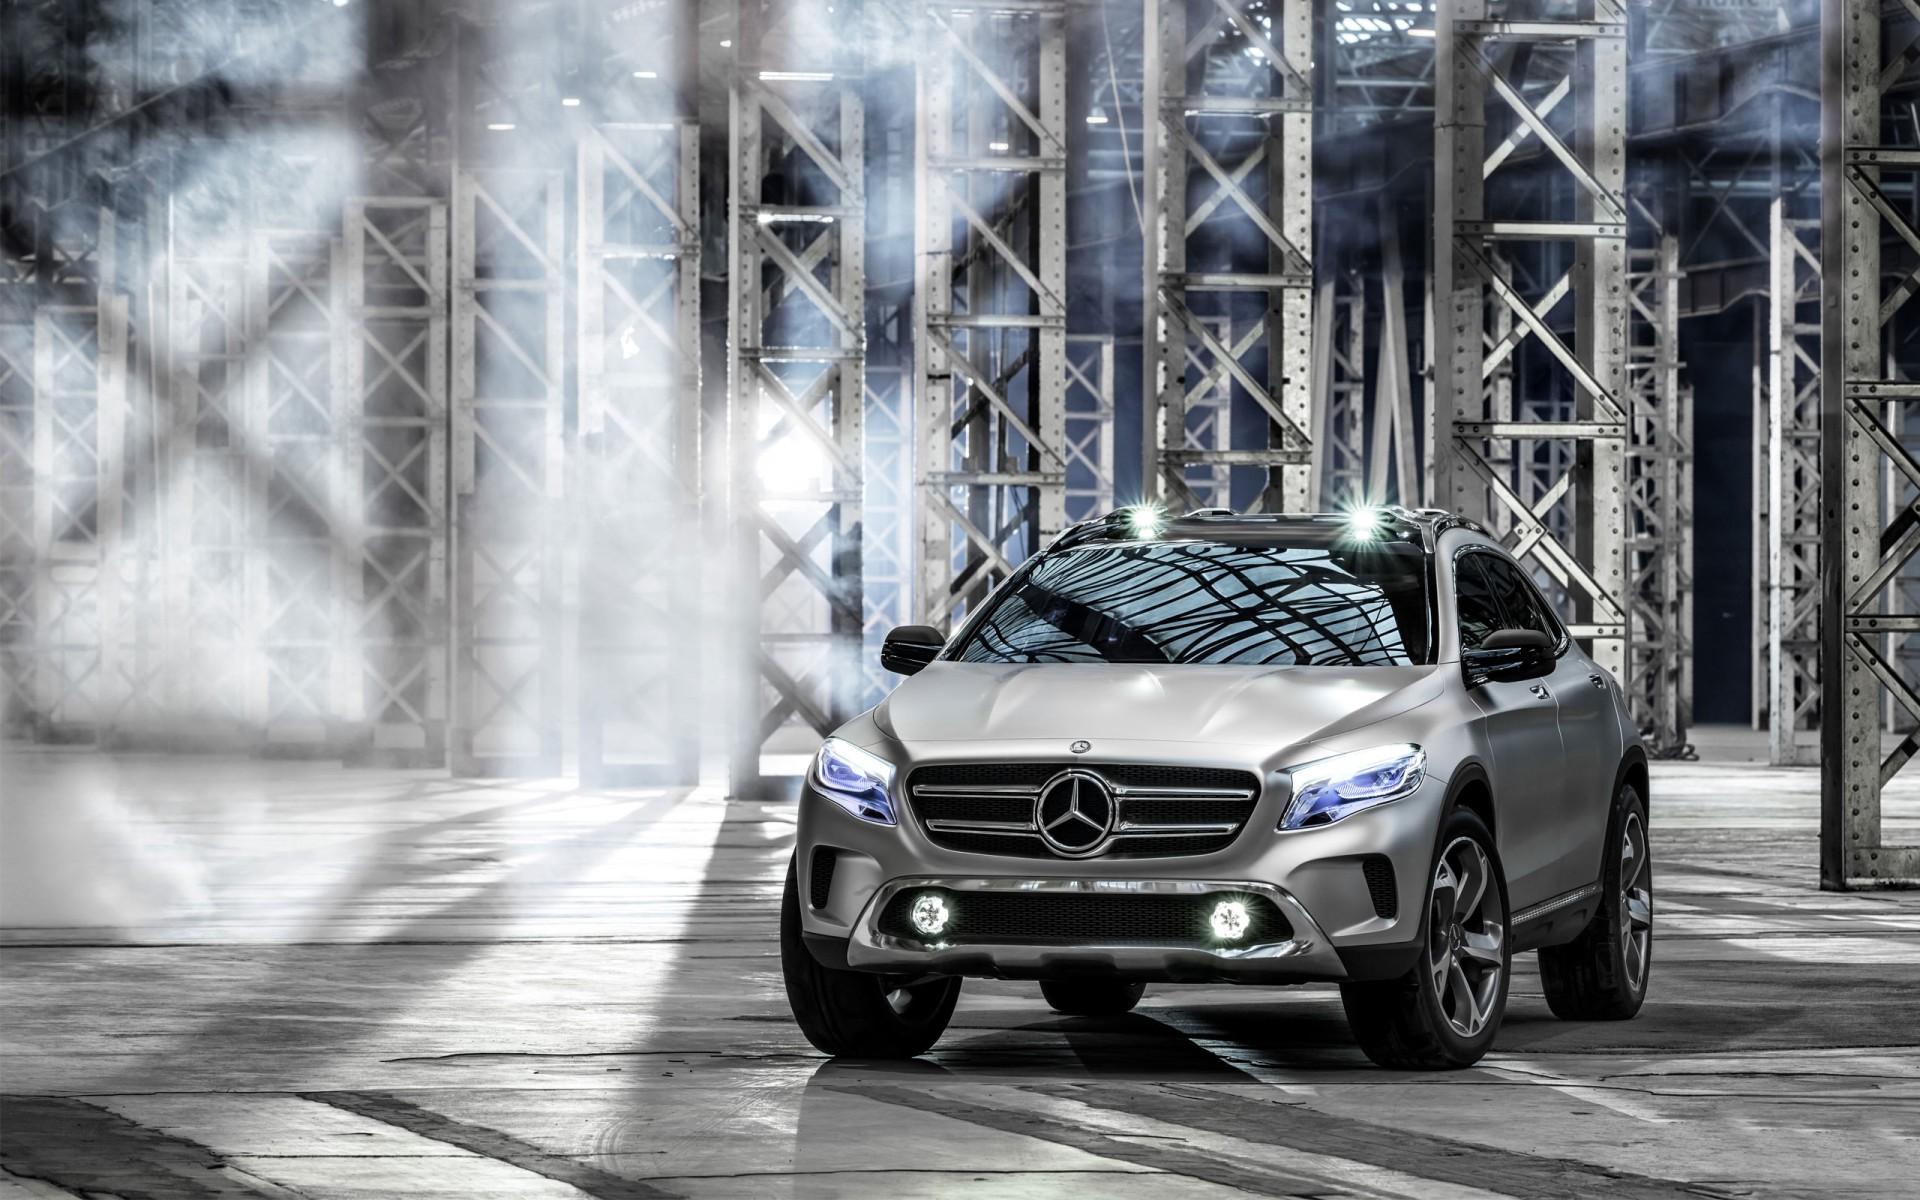 2013 Mercedes Benz Gla Concept Wallpaper Hd Car